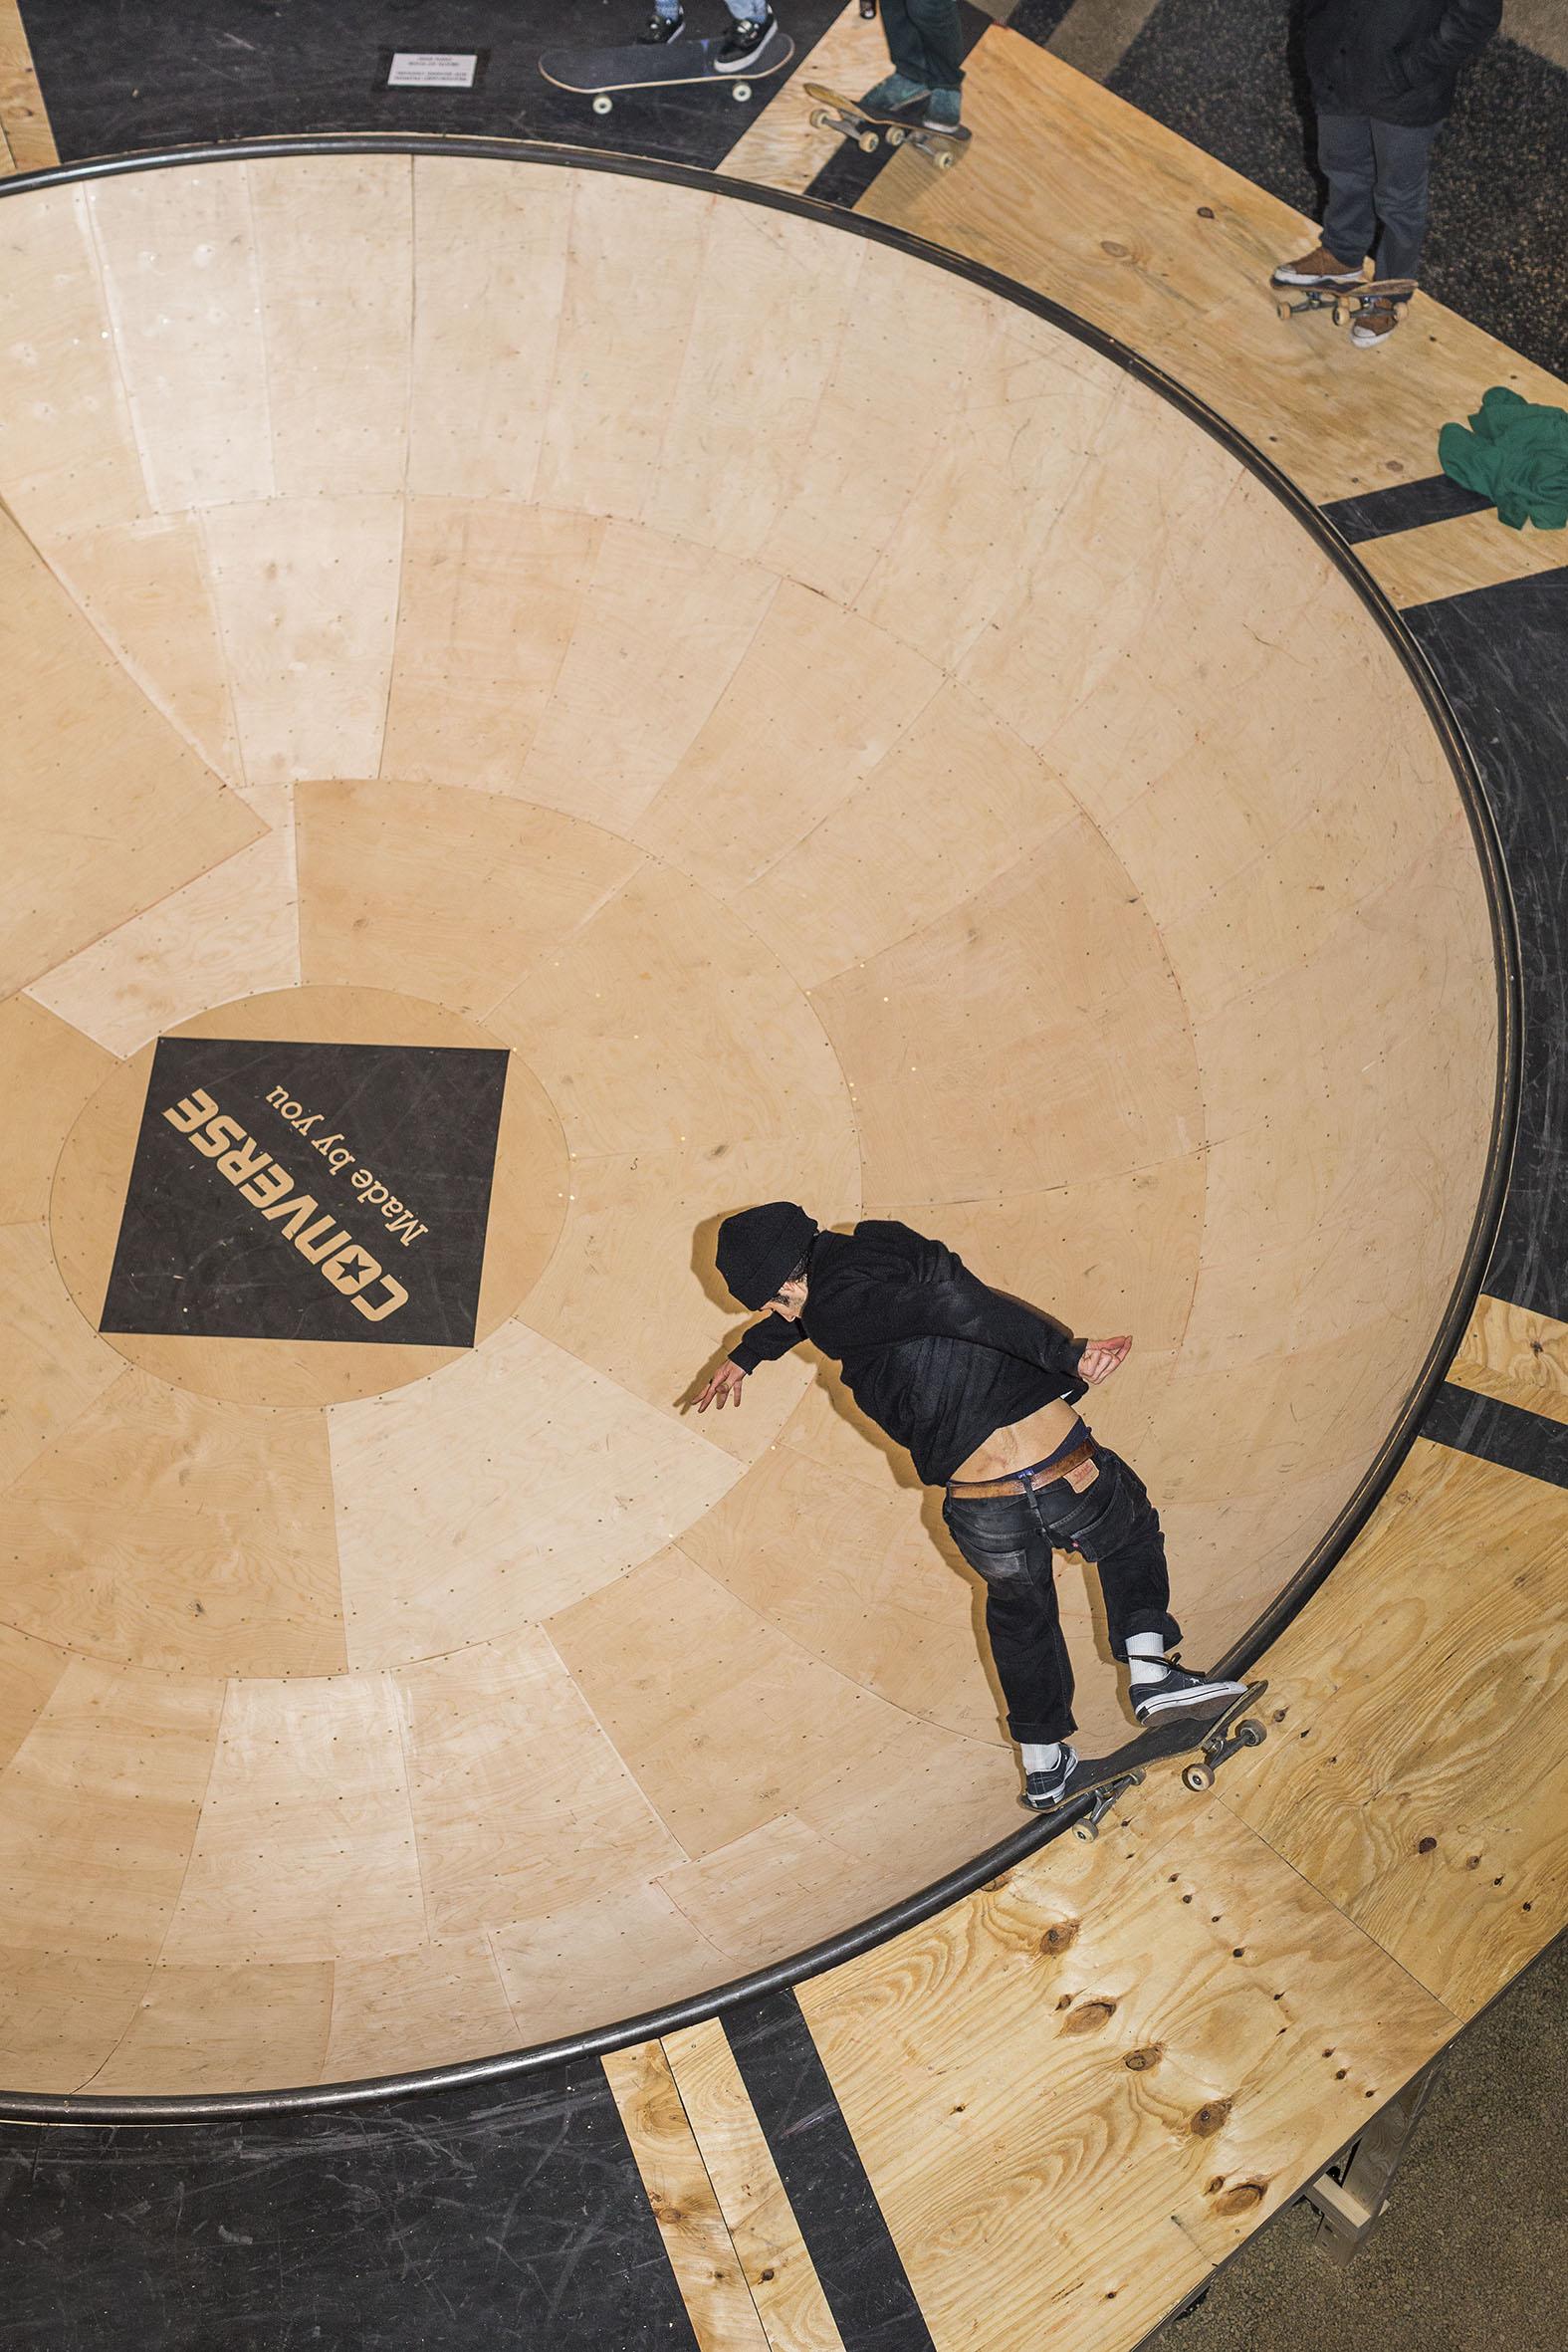 Remy Taveira | Backside Noseblunt